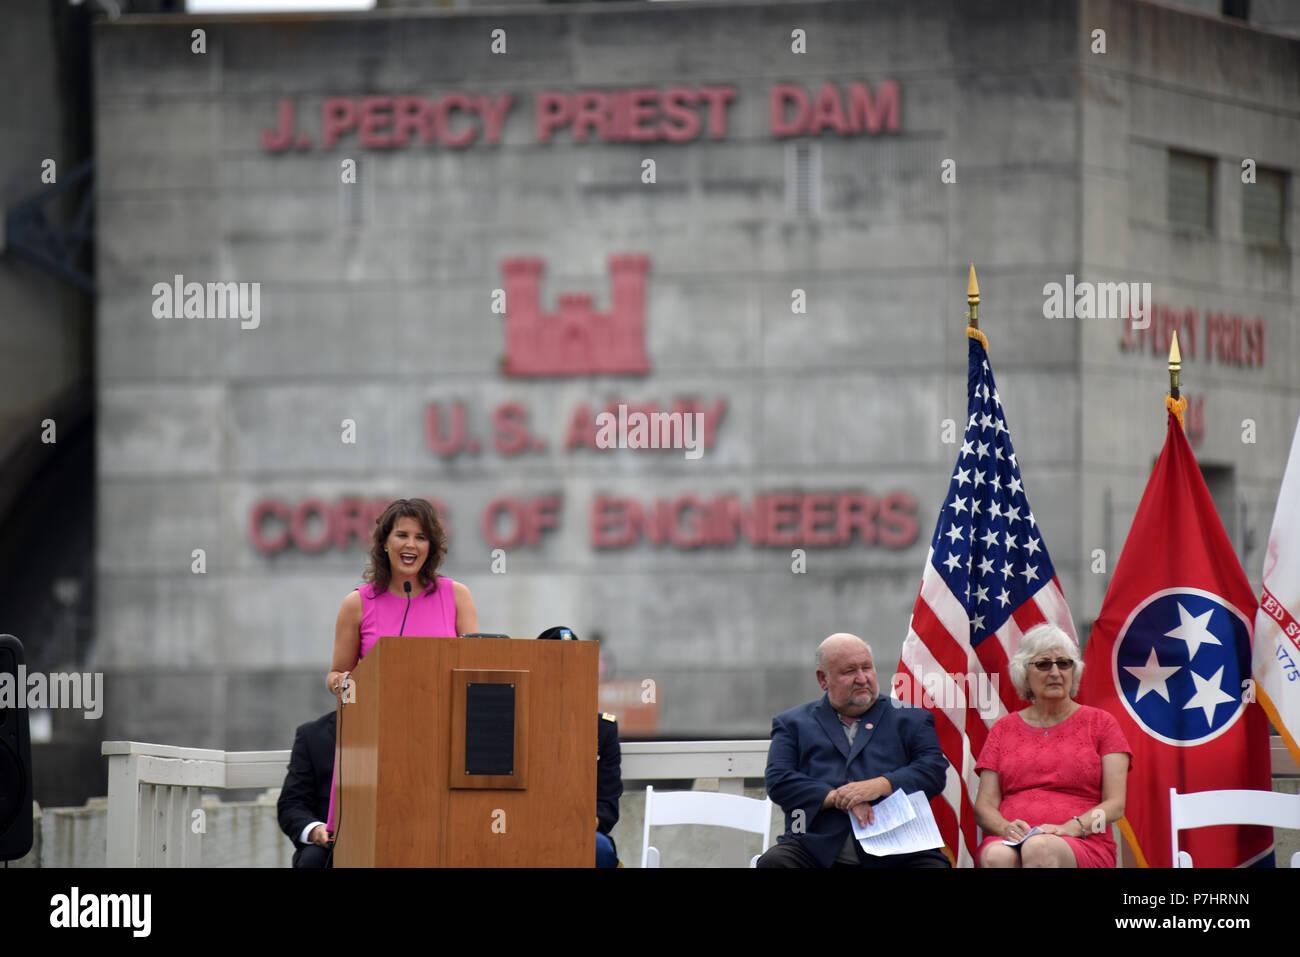 Il sindaco di Smirne Maria Esther Reed parla di impatto del progetto con la sua comunità durante il cinquantesimo anniversario di J. Percy Priest Dam e serbatoio presso la diga di Nashville, Tennessee, il 29 giugno 2018. (USACE Foto di Mark Rankin) Immagini Stock